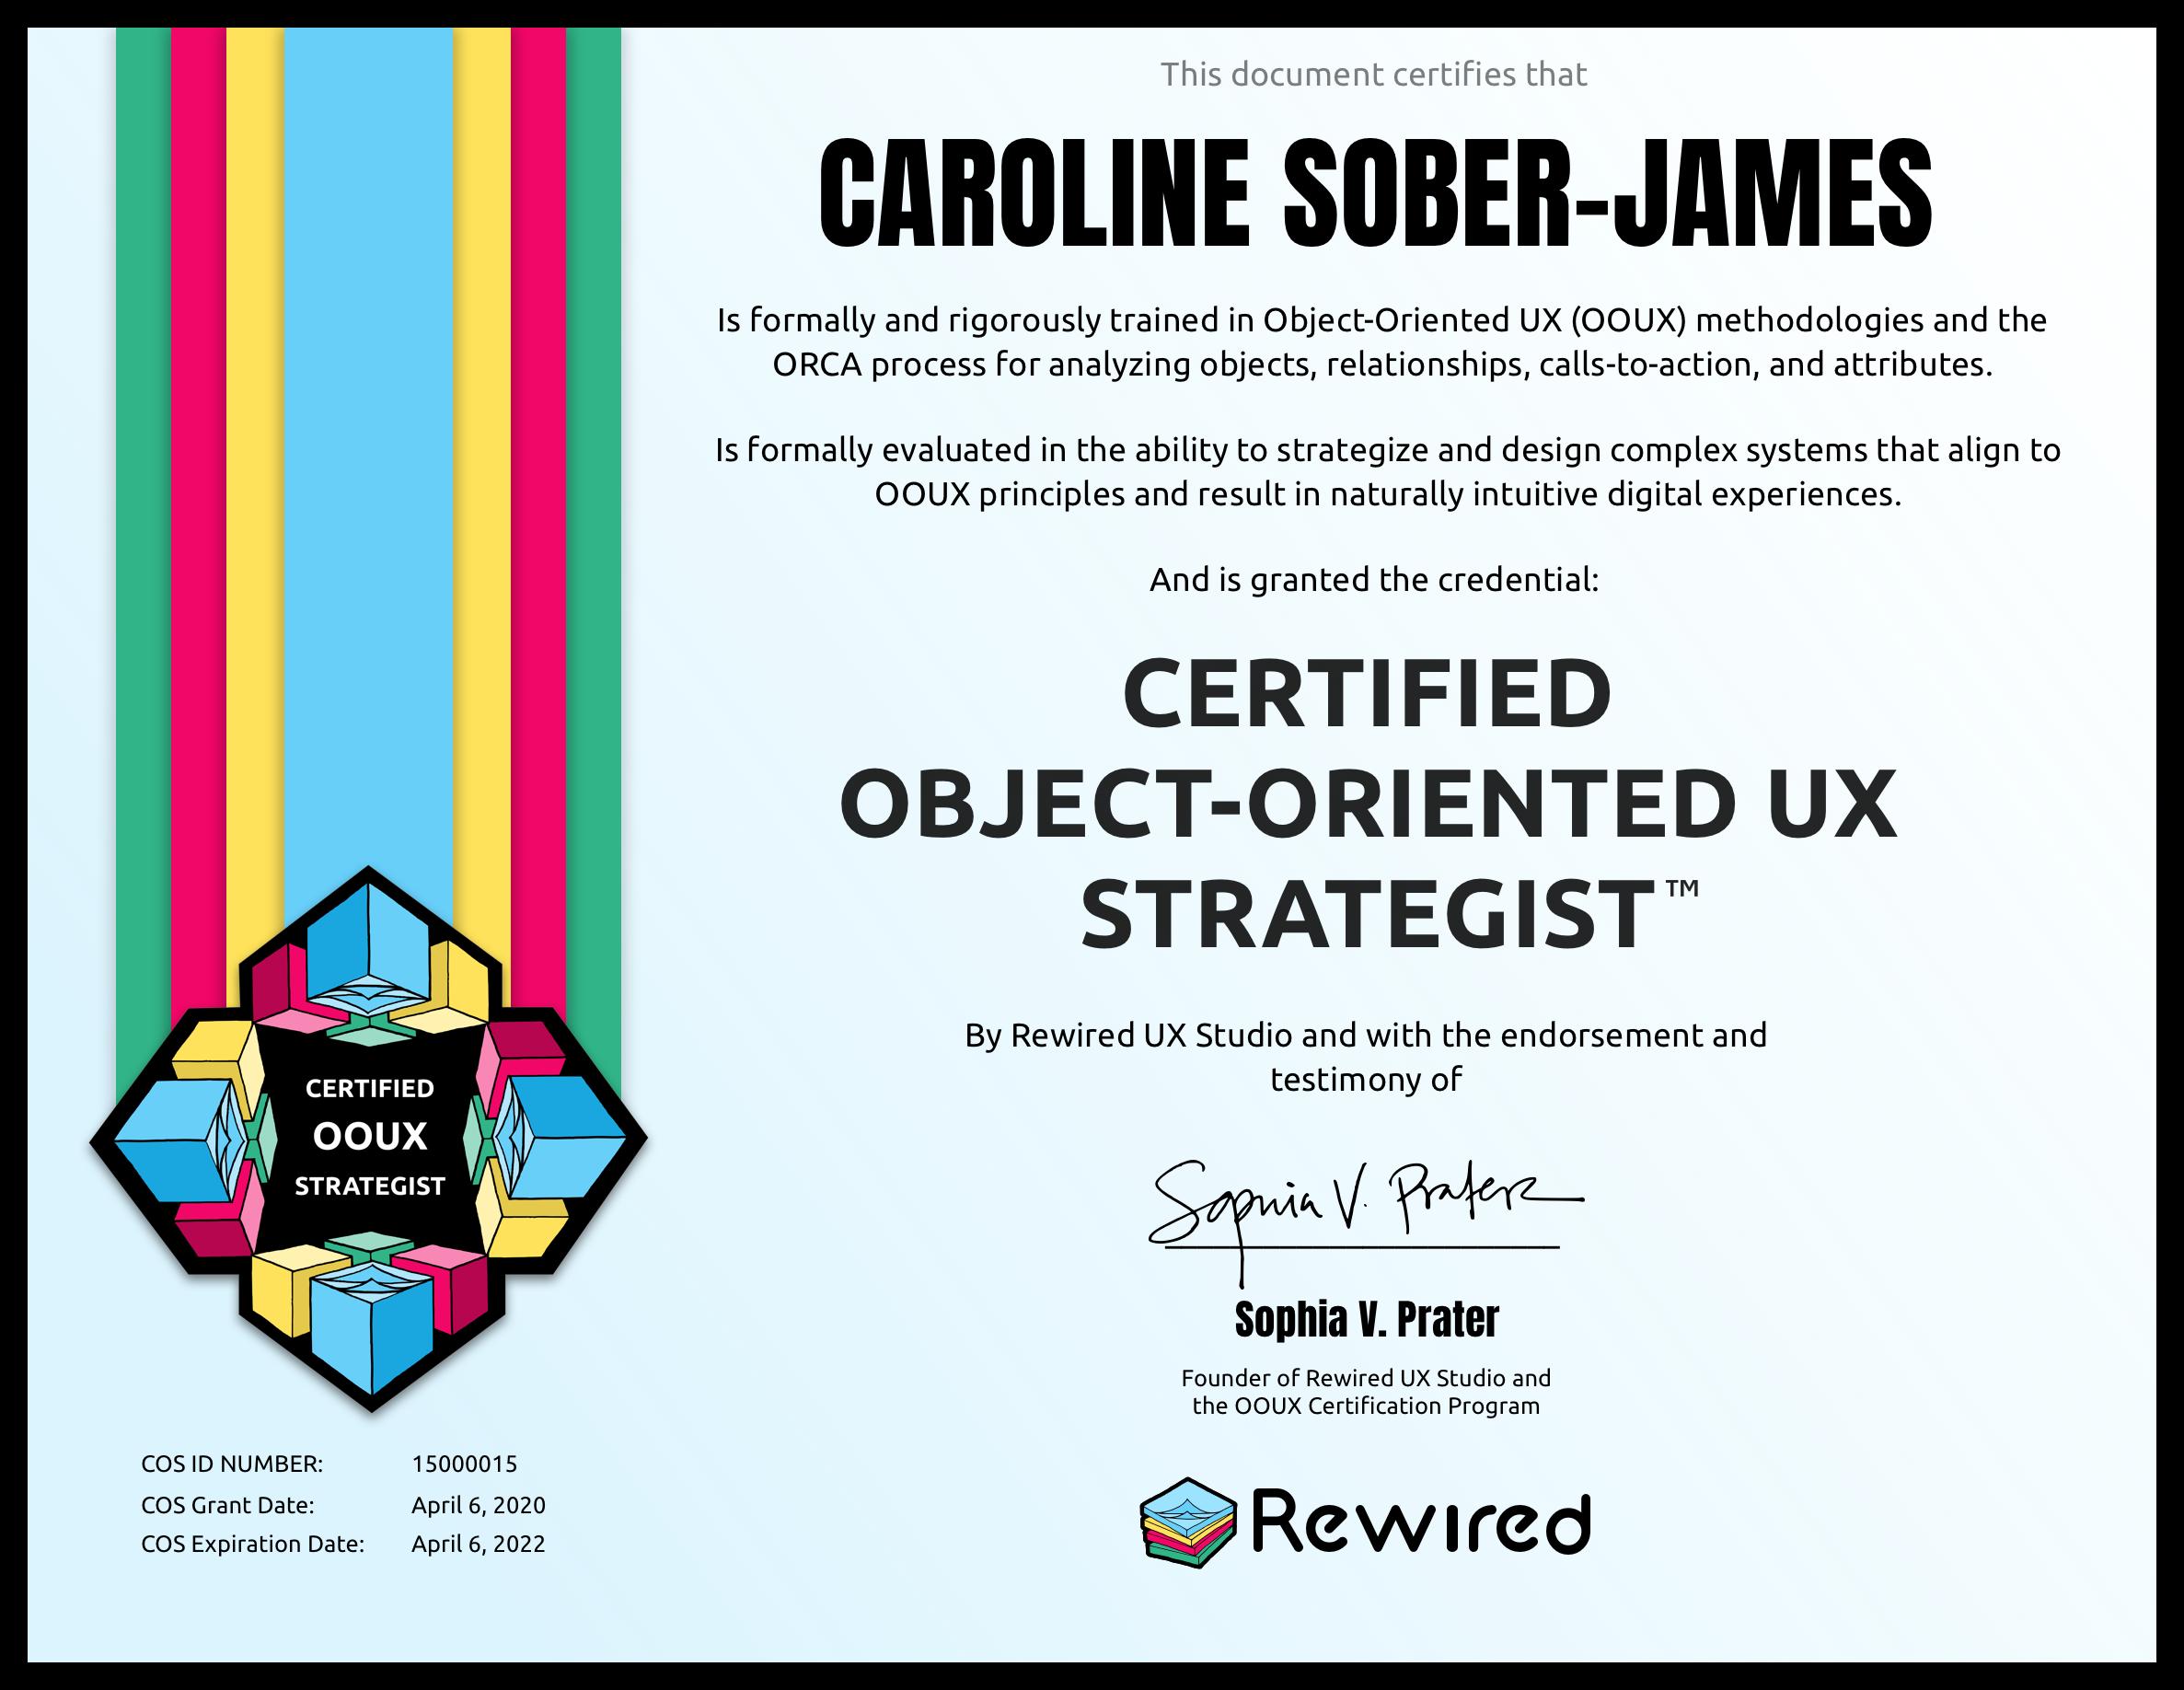 Caroline Sober-James